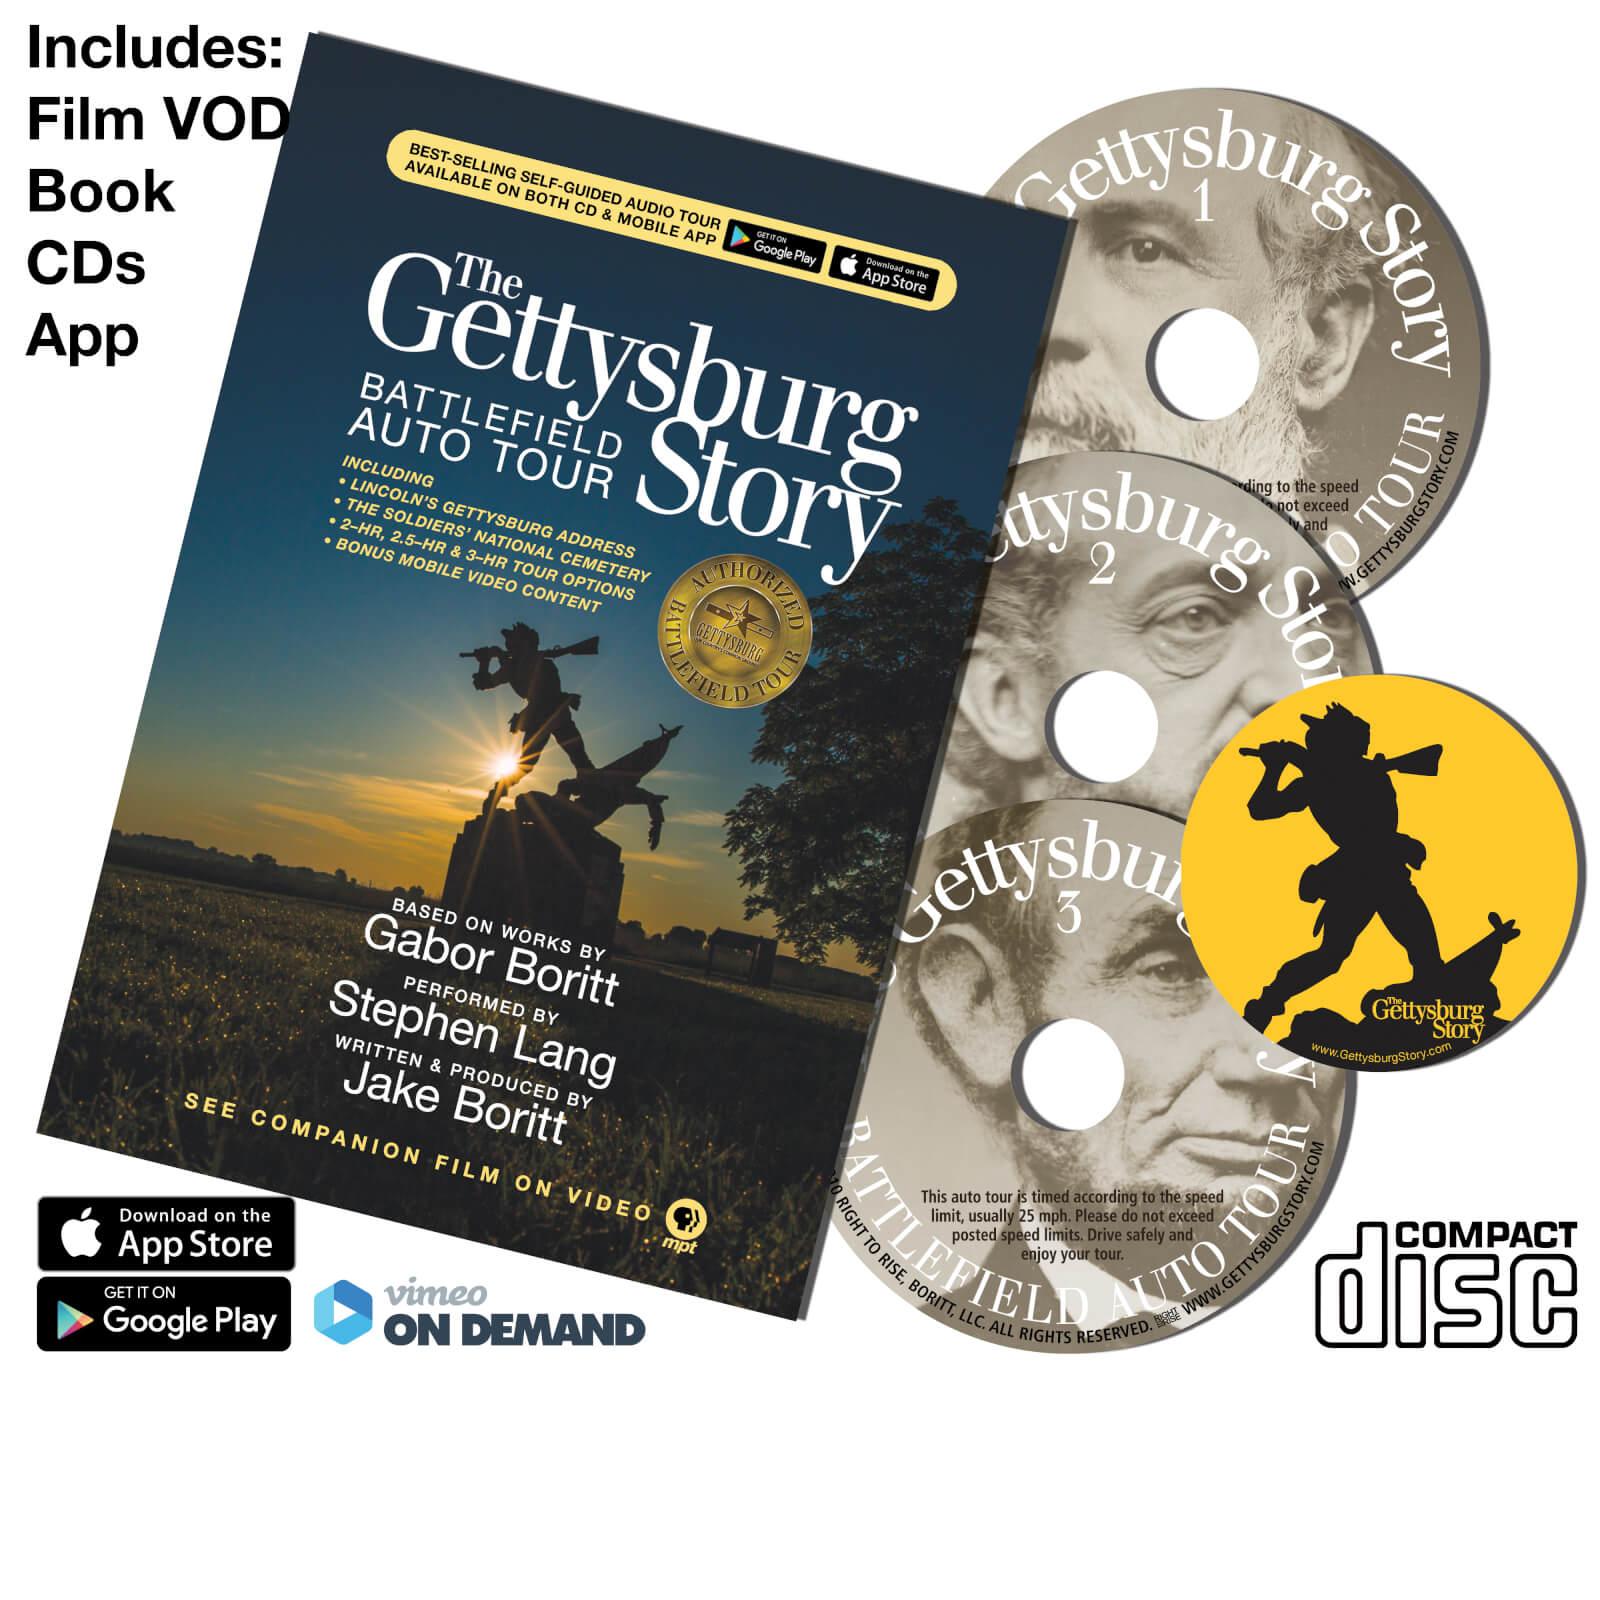 GS.BAT.FilmVOD_Book_CD_App_Product.Image.2019